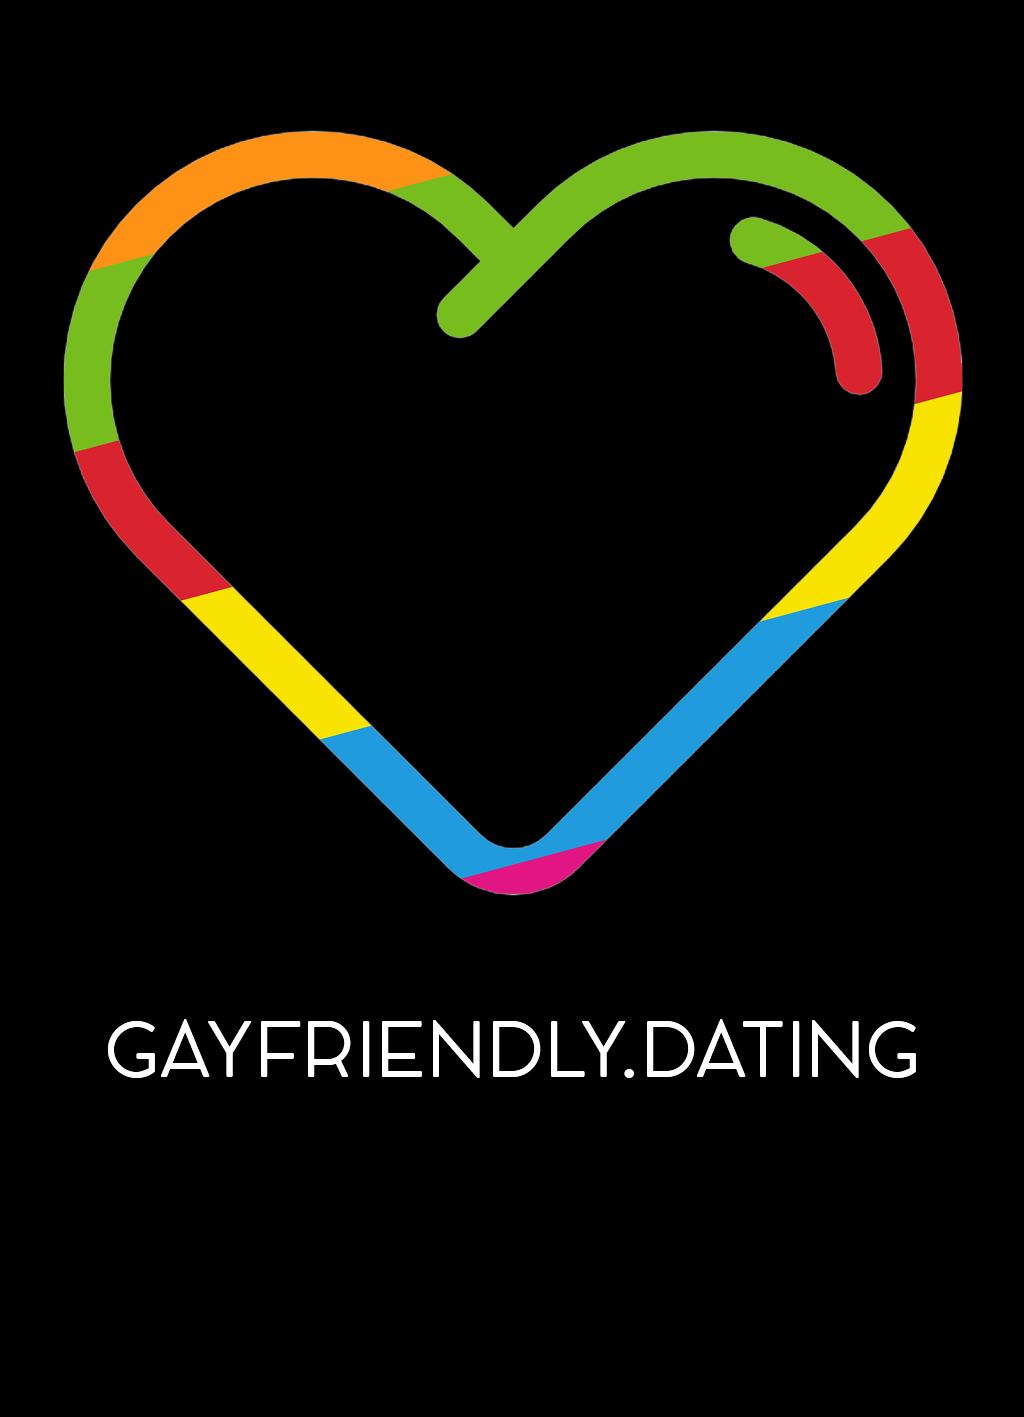 Разработать логотип для англоязычн. сайта знакомств для геев фото f_3295b4ef6d1c3b4a.jpg